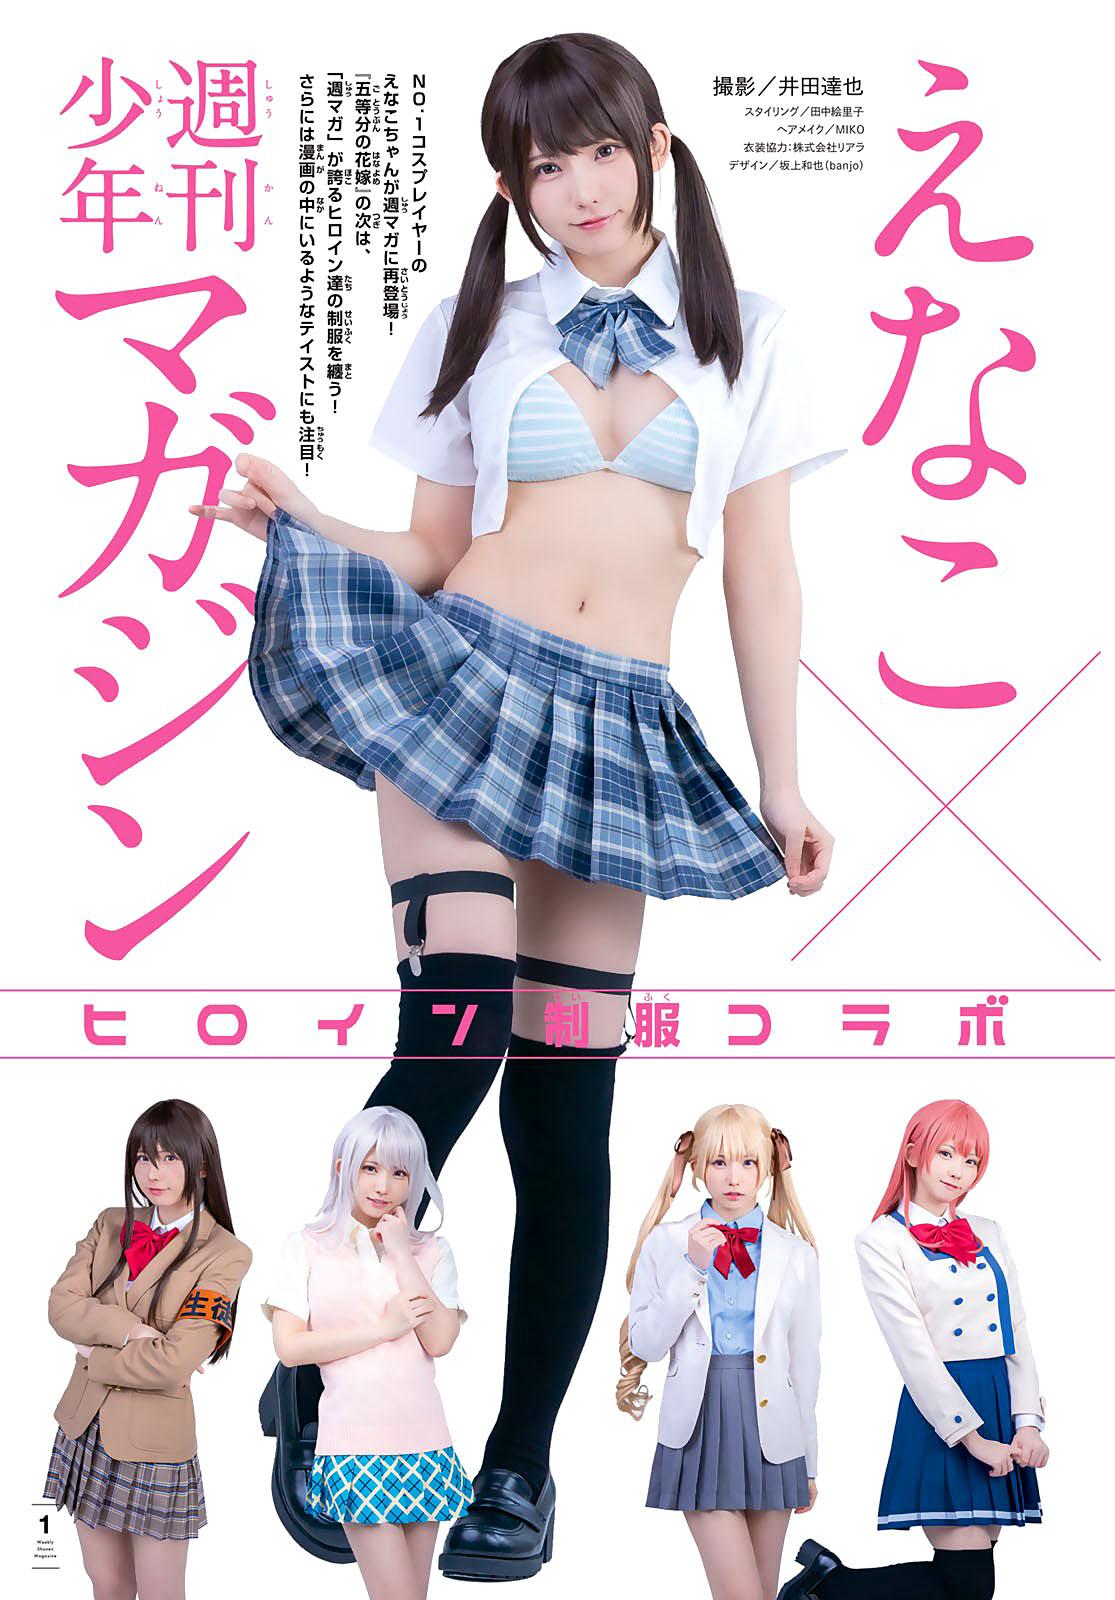 Enako Shonen Magazine 210630 02.jpg